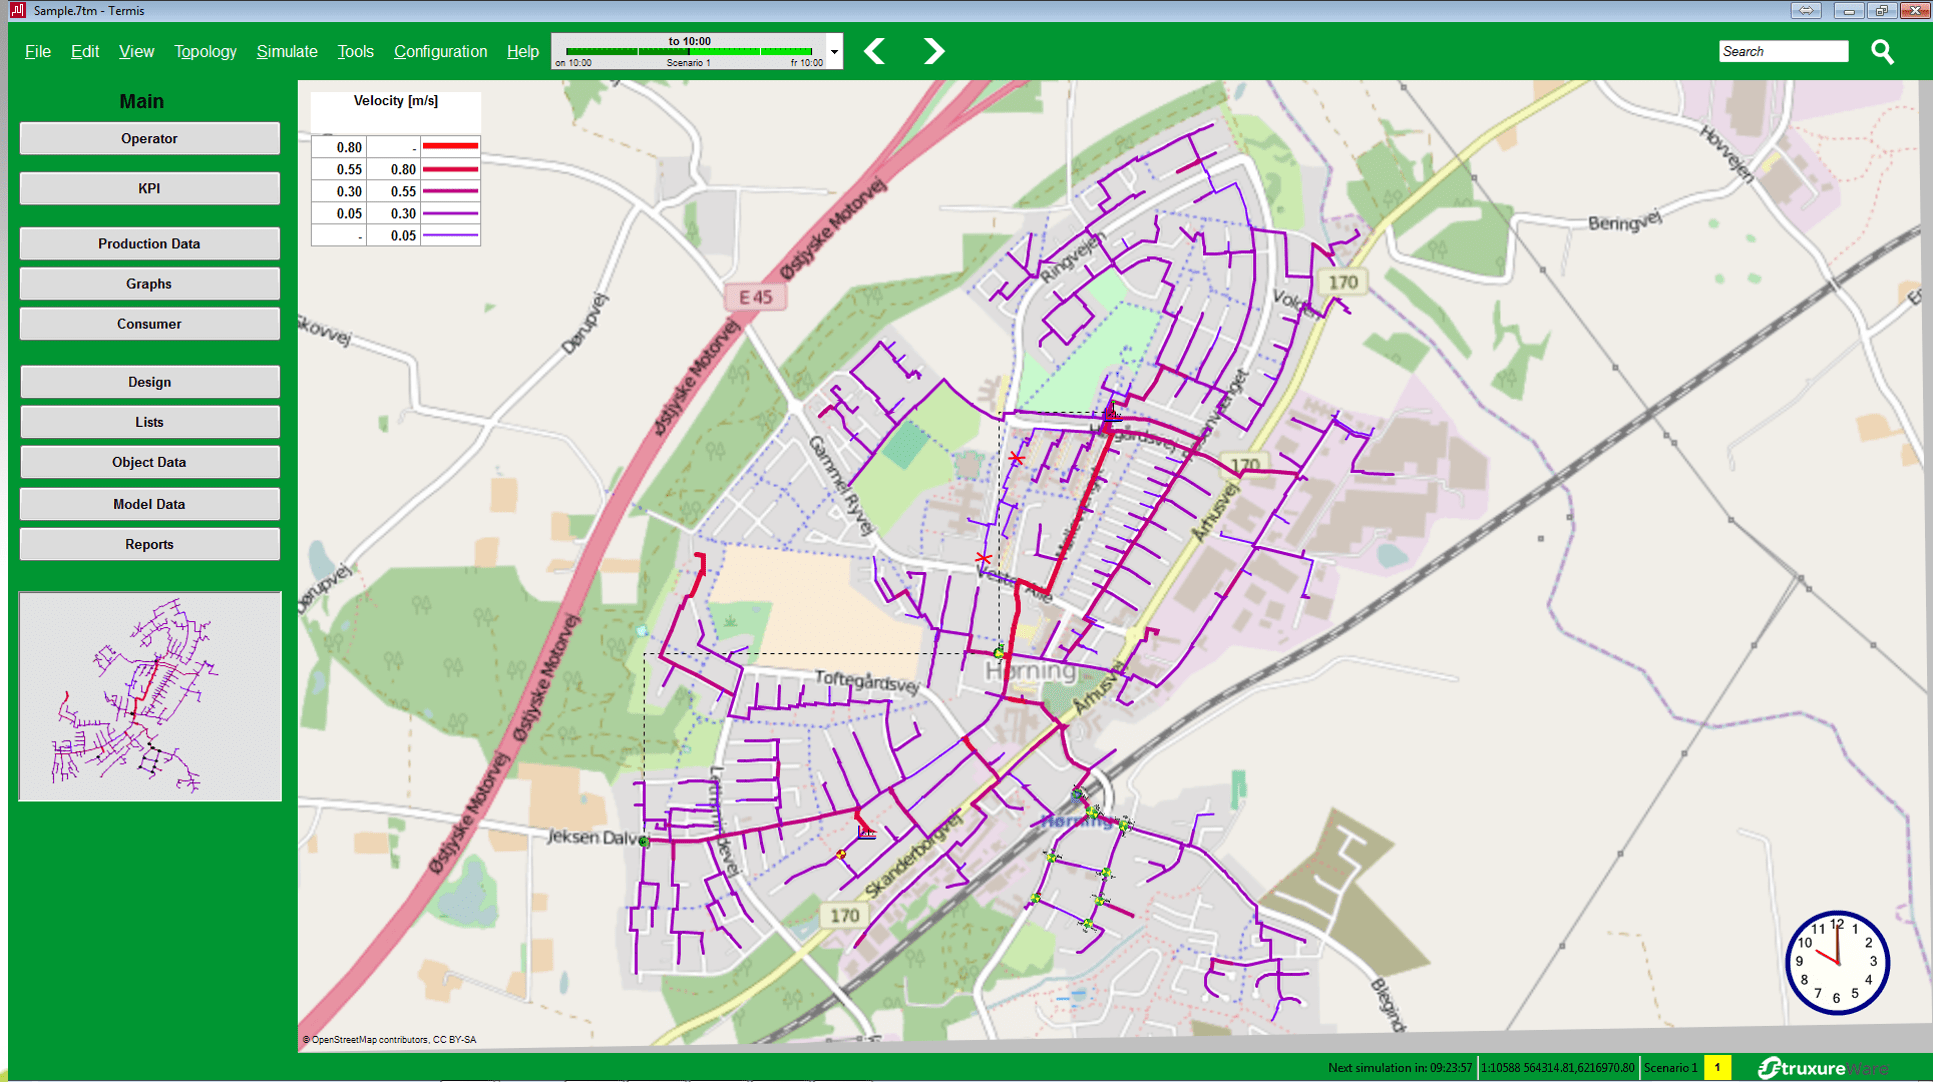 Termis Map Image3